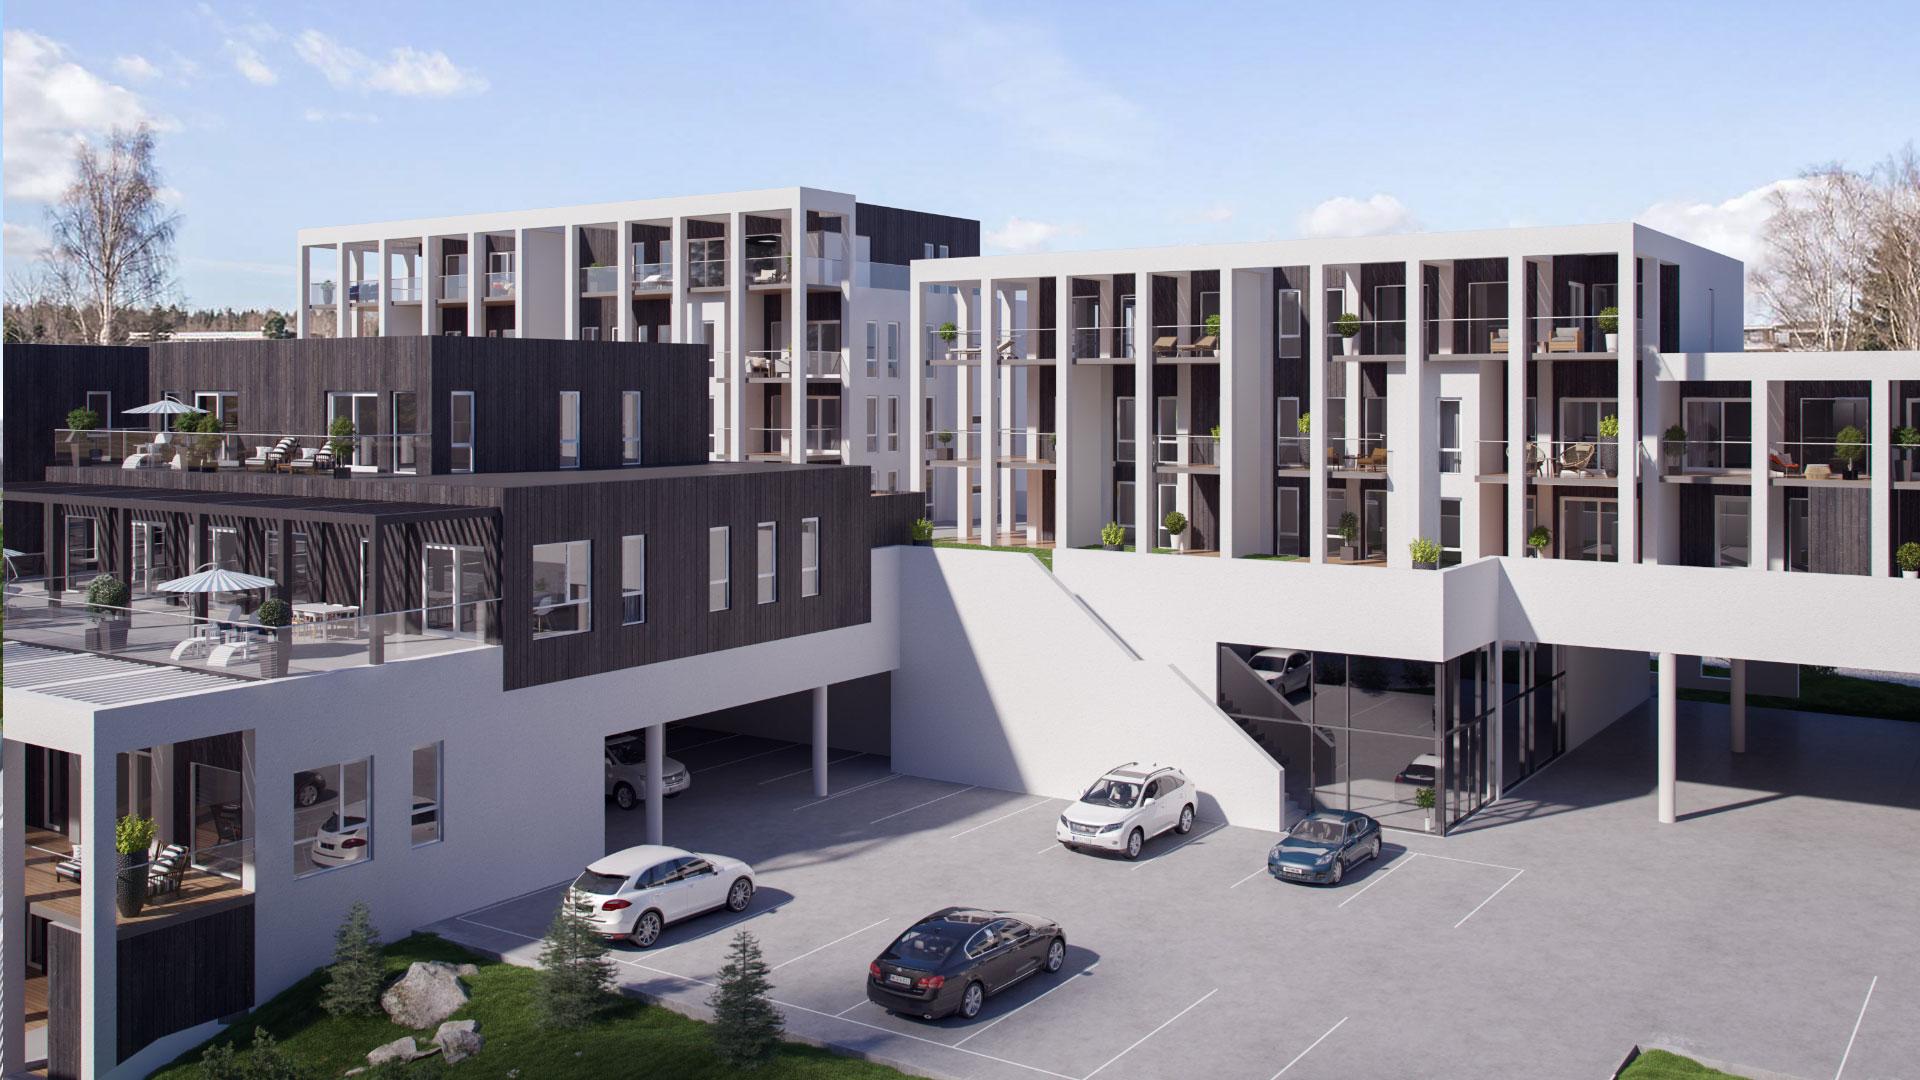 Bilde av boligbyggingsprosjektet Hellandskollen